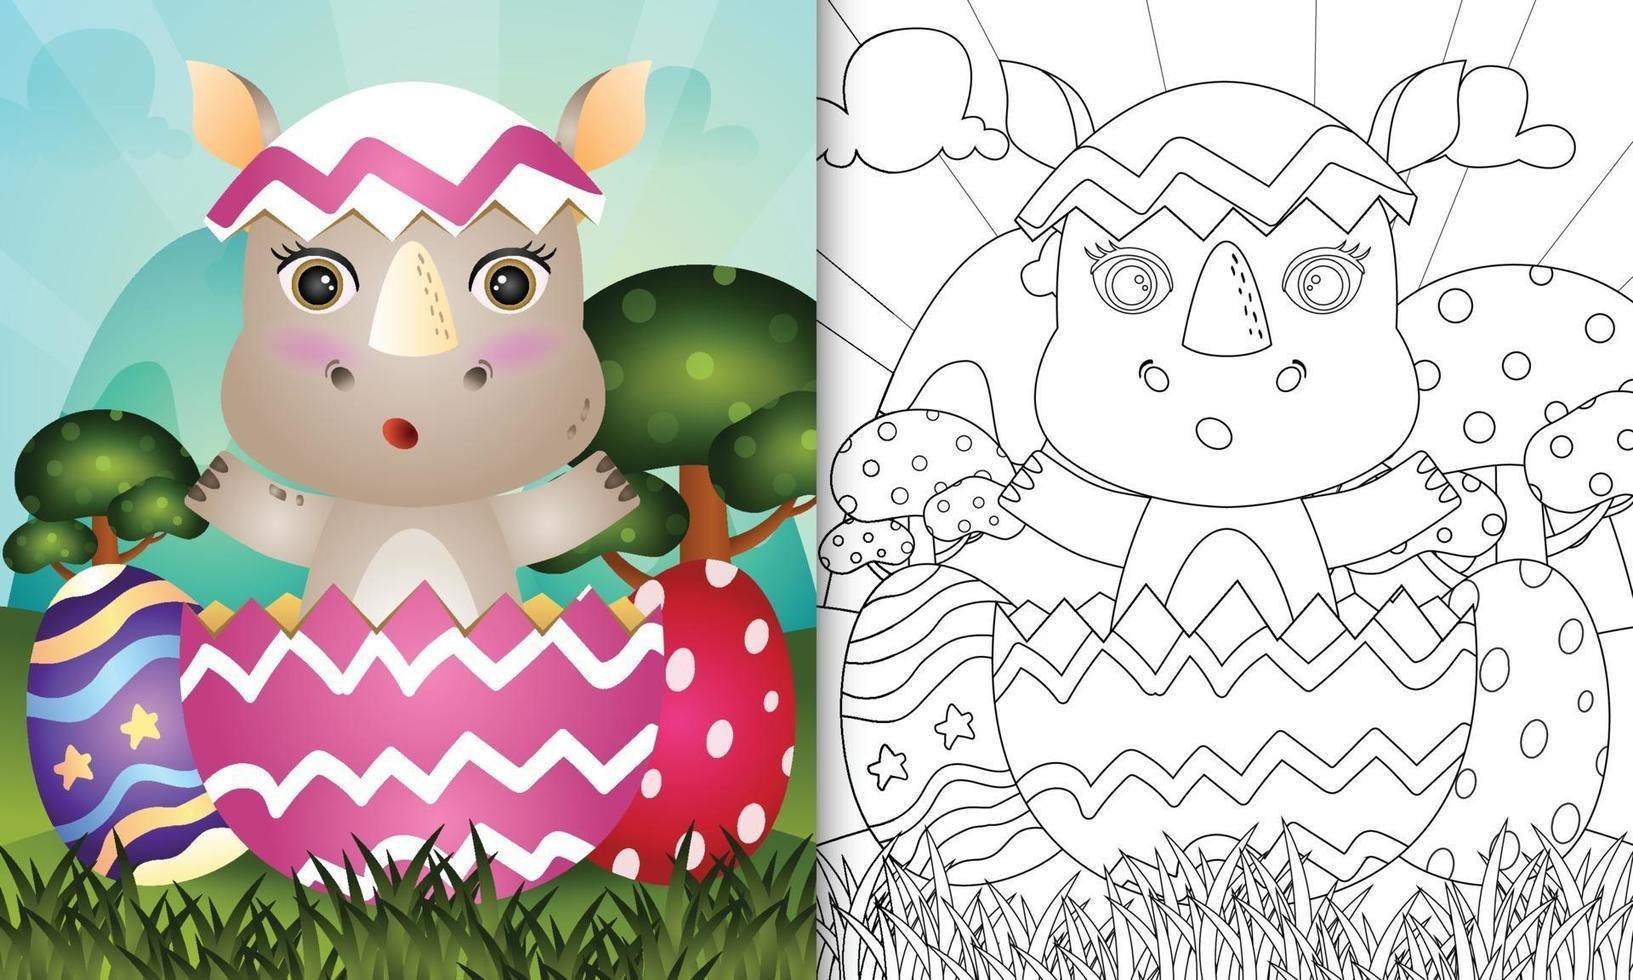 livro de colorir para crianças com tema feliz dia de páscoa com ilustração de um lindo rinoceronte no ovo vetor